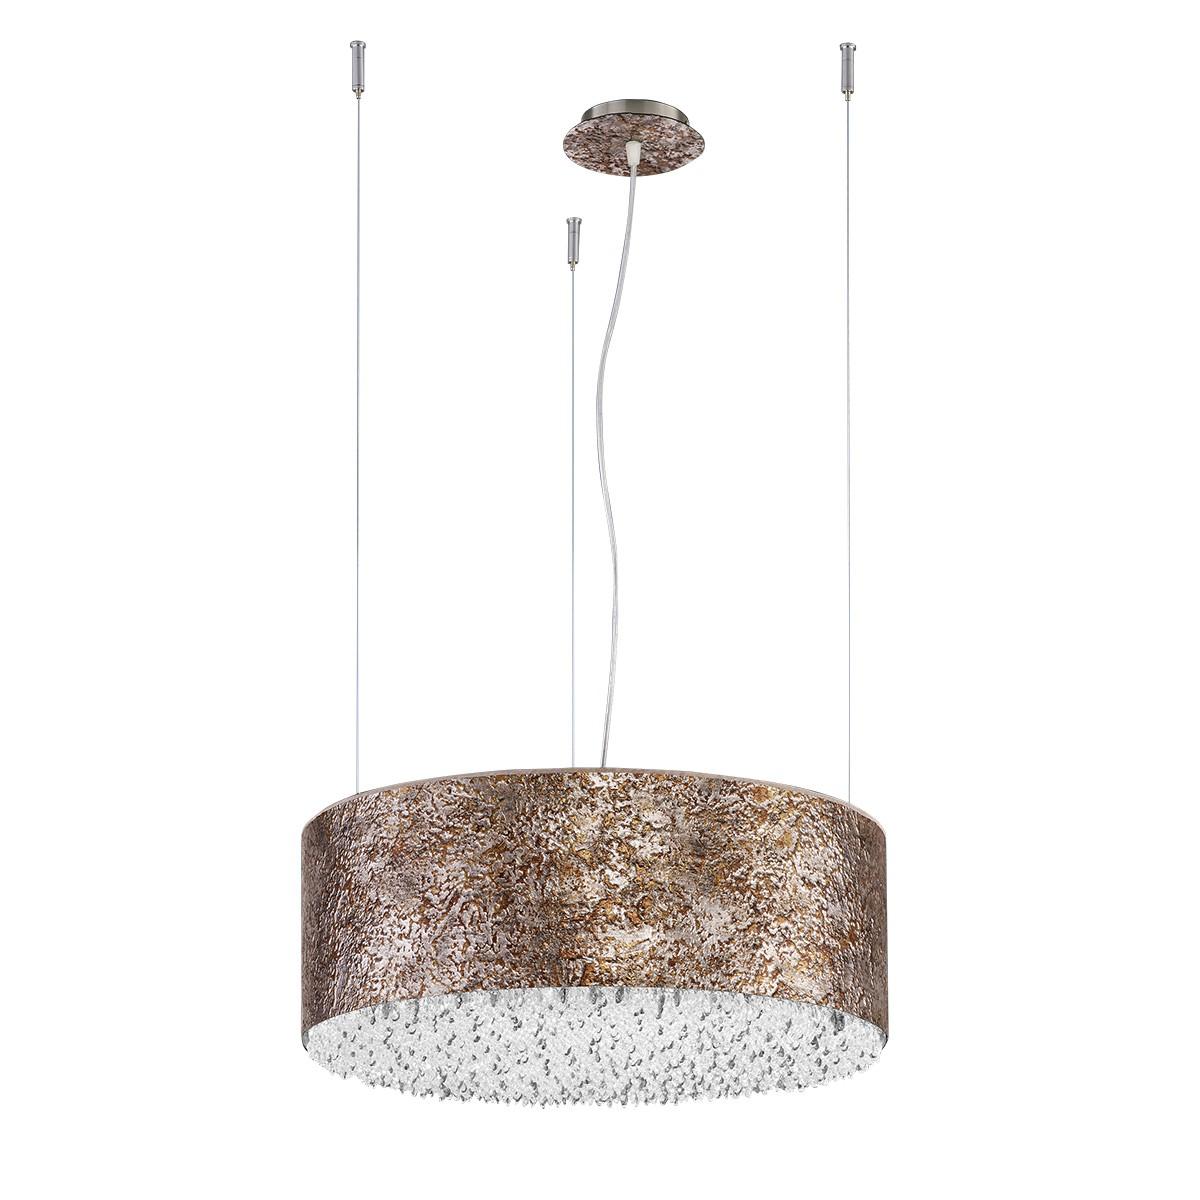 B-Leuchten Vintage LED-Pendelleuchte mit Farbwechsler, Ø: 50 cm, Rost